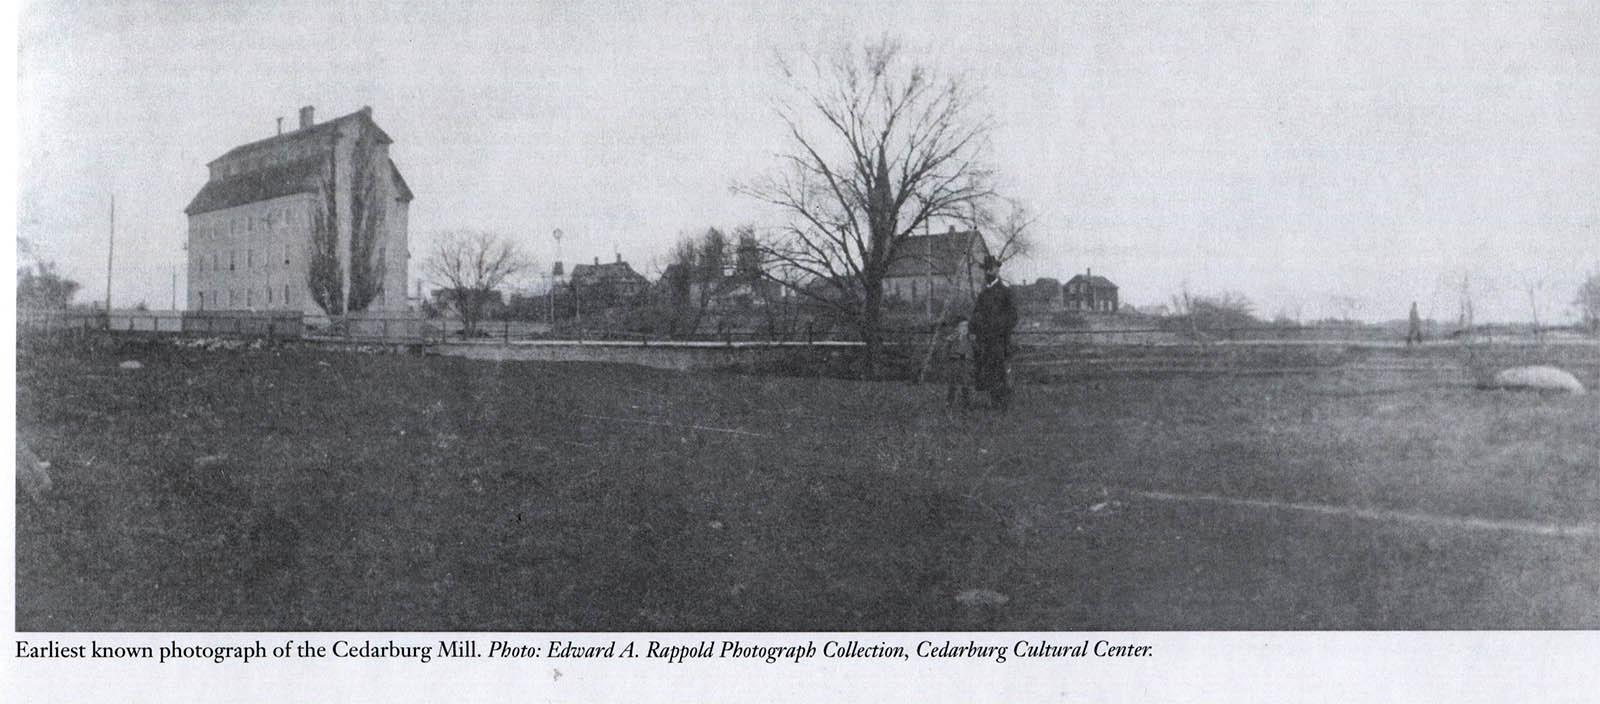 Cedarburg Mill